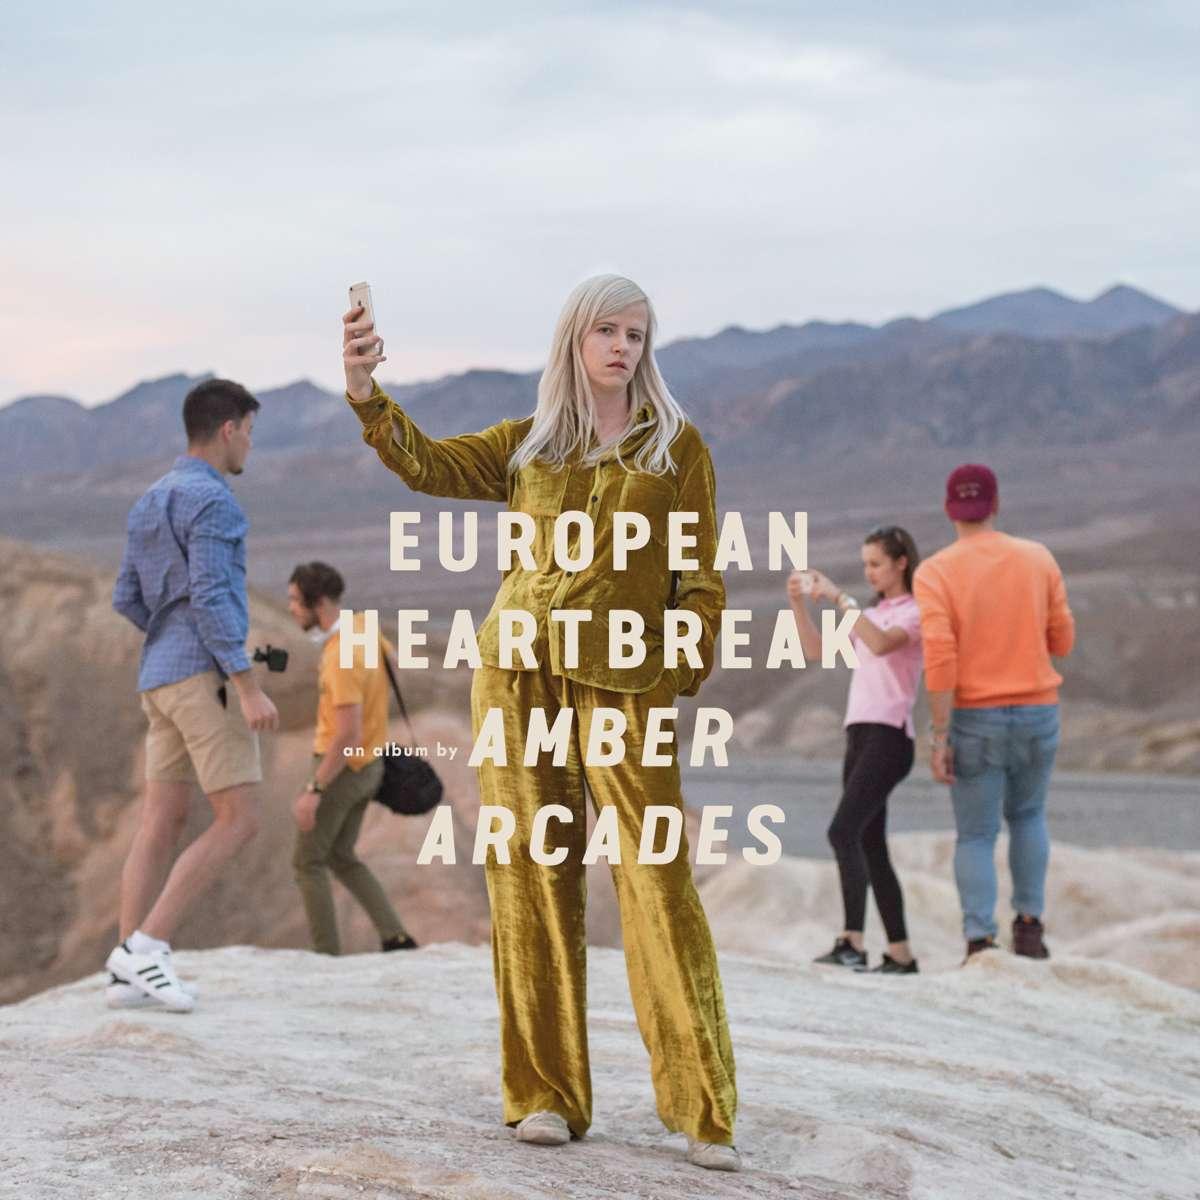 Amber Arcades European Heartbreak